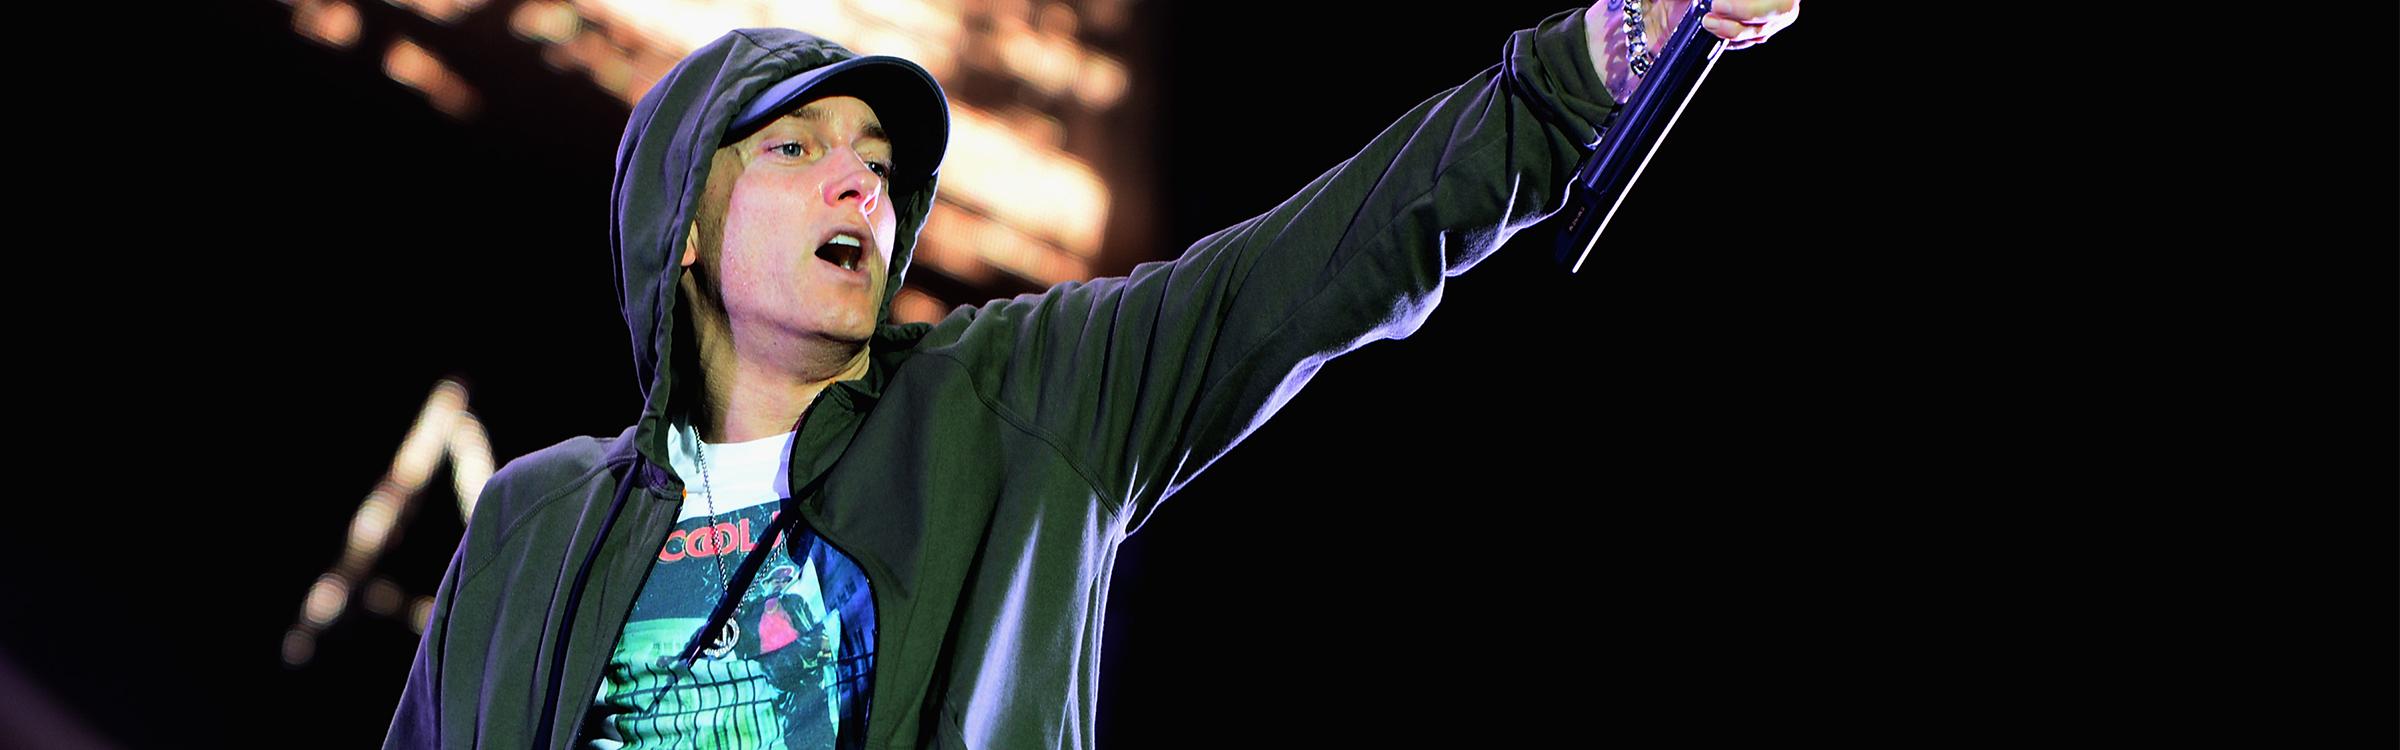 Eminem teaser